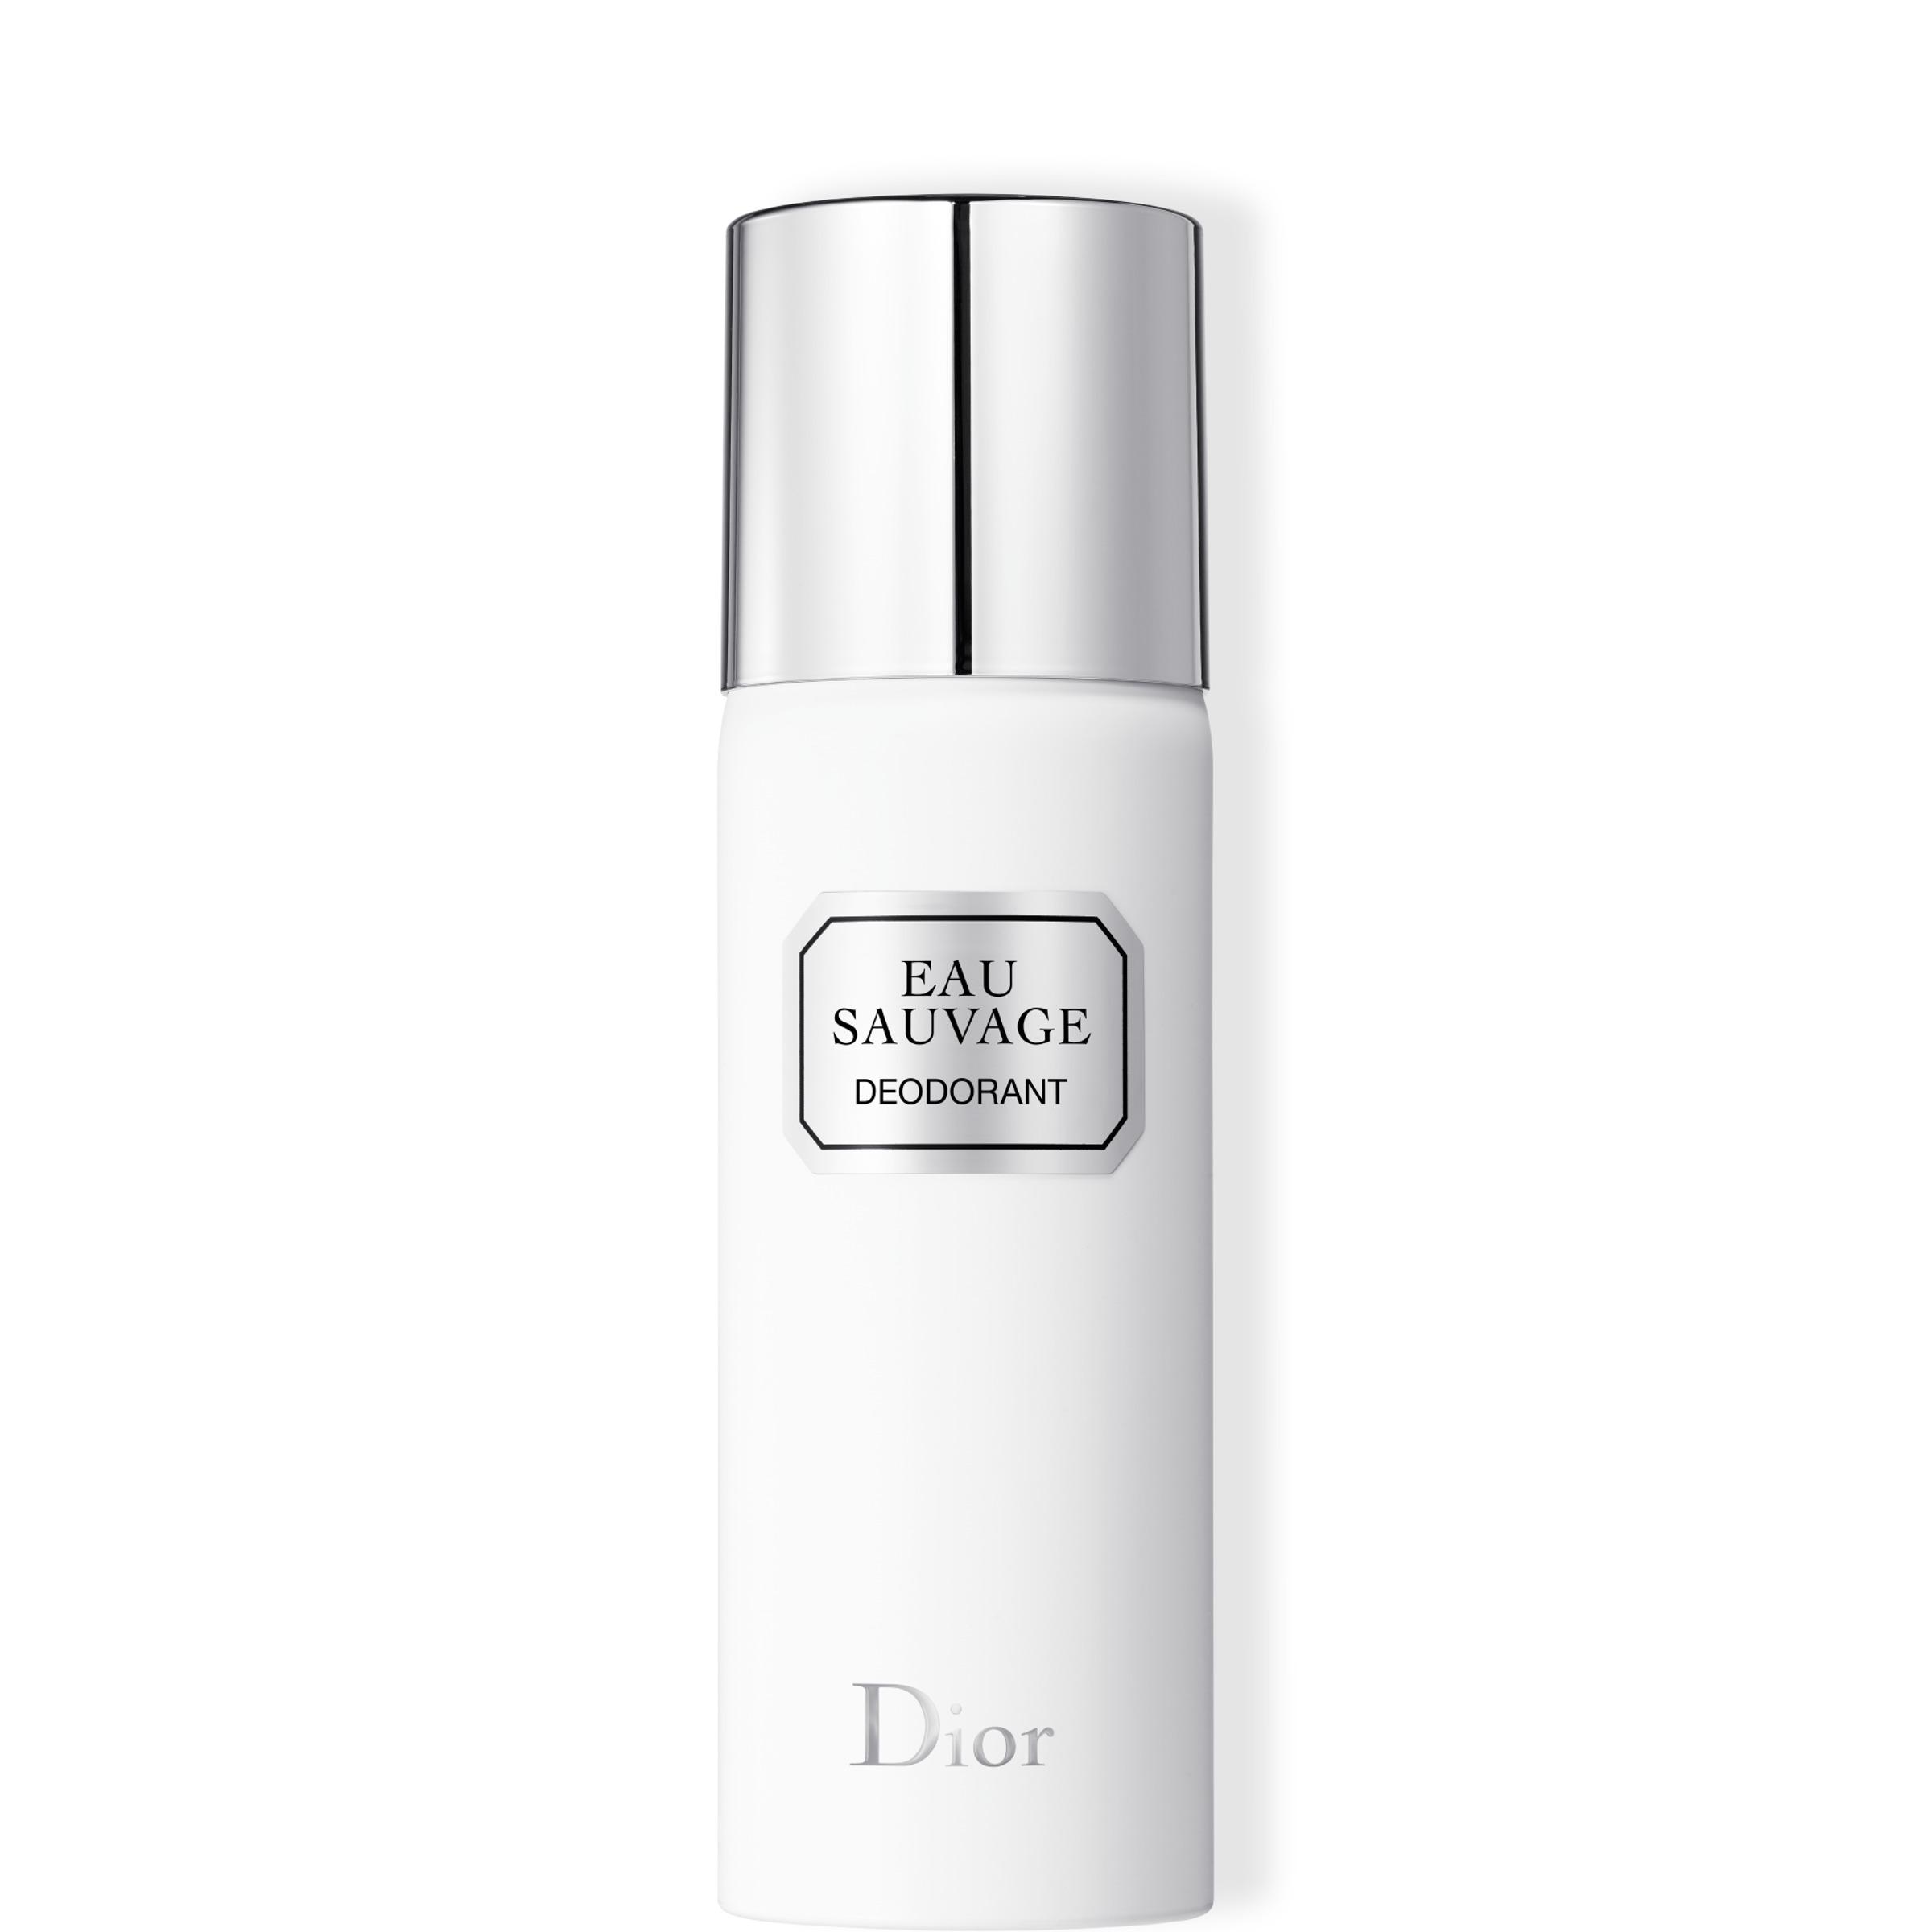 Eau Sauvage Deodorant 150ml